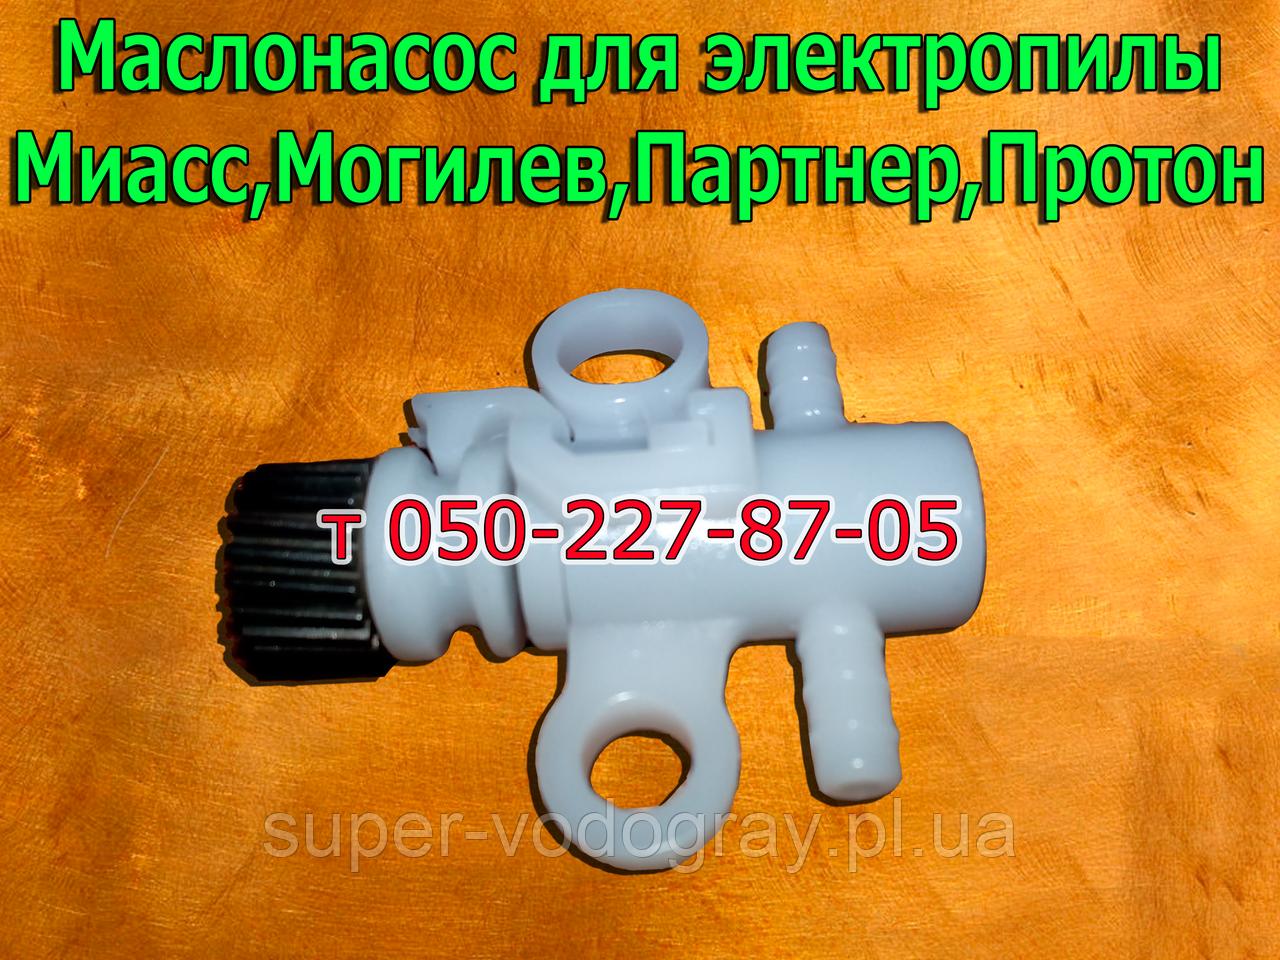 Маслонасос для електропили Міас, Могильов, Партнер, Протон